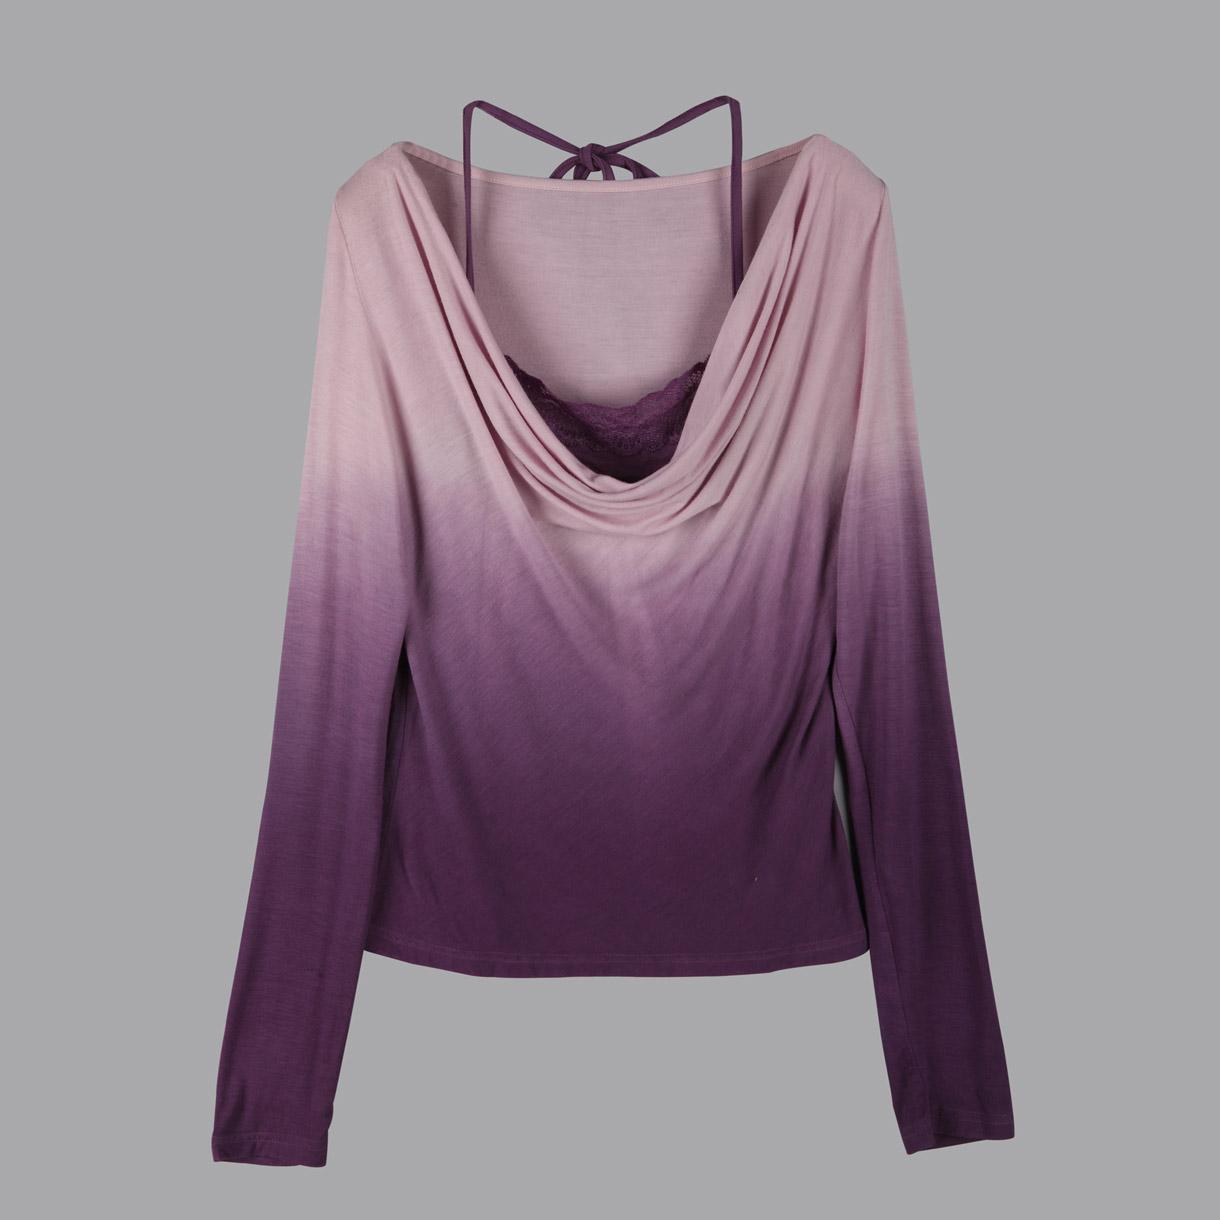 Цвет: Светло-розовый фиолетовый 20